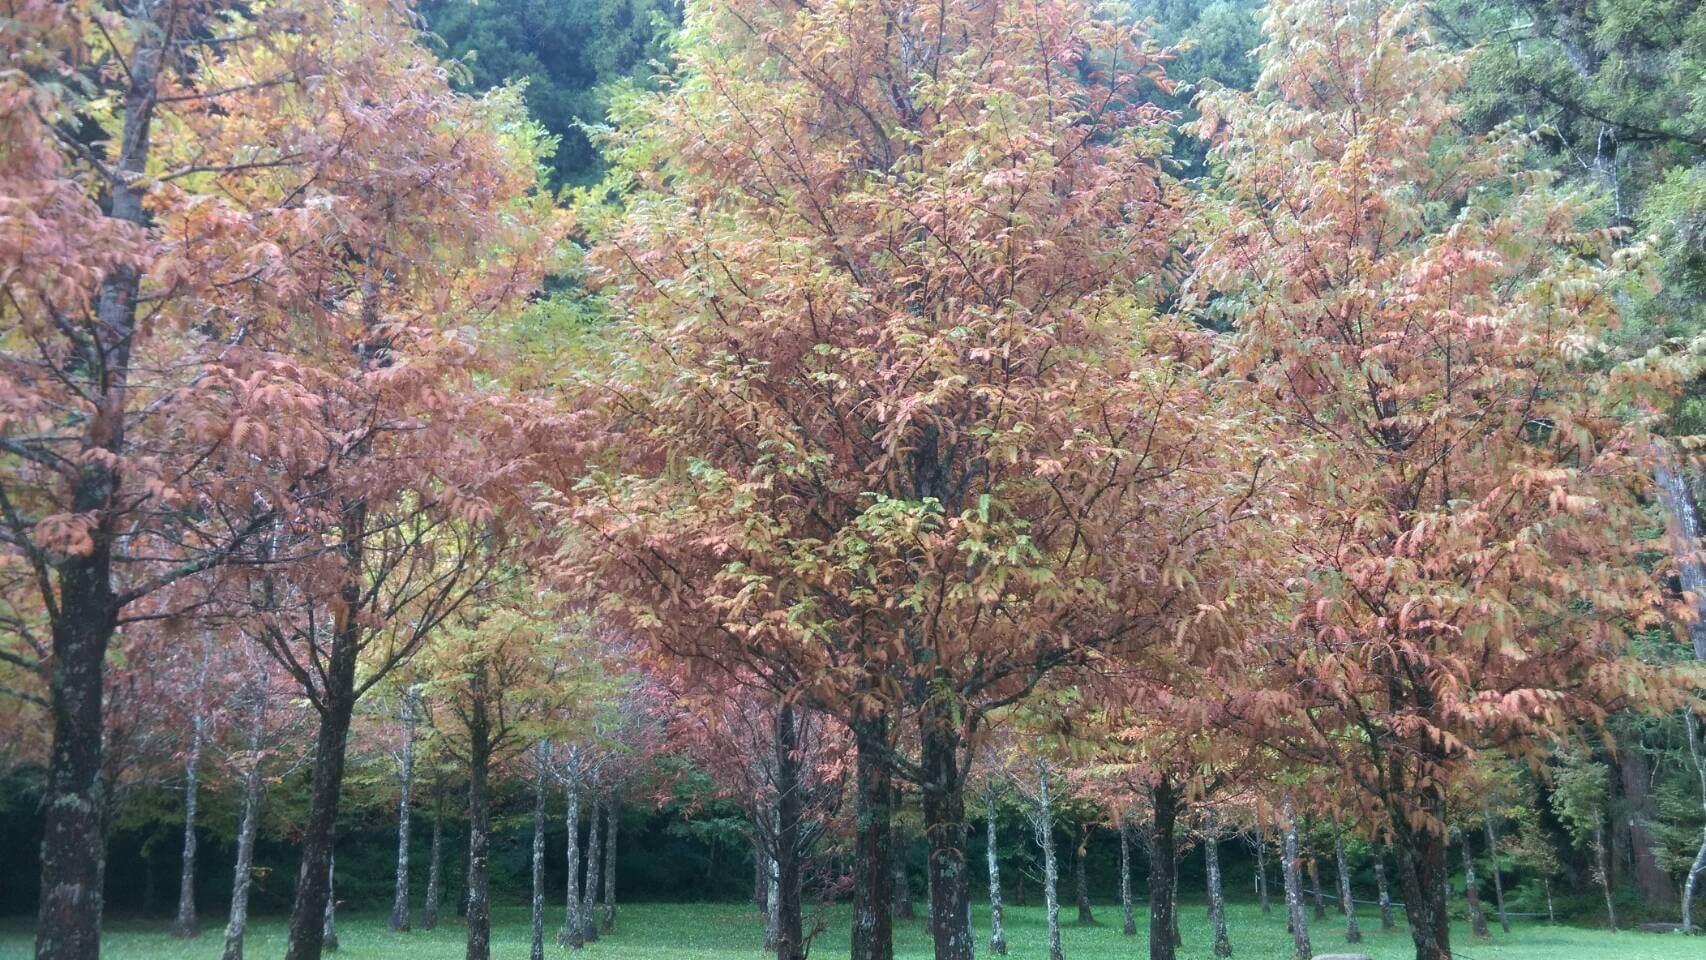 杉林溪的楓葉季已開始,水杉黄正漂亮。